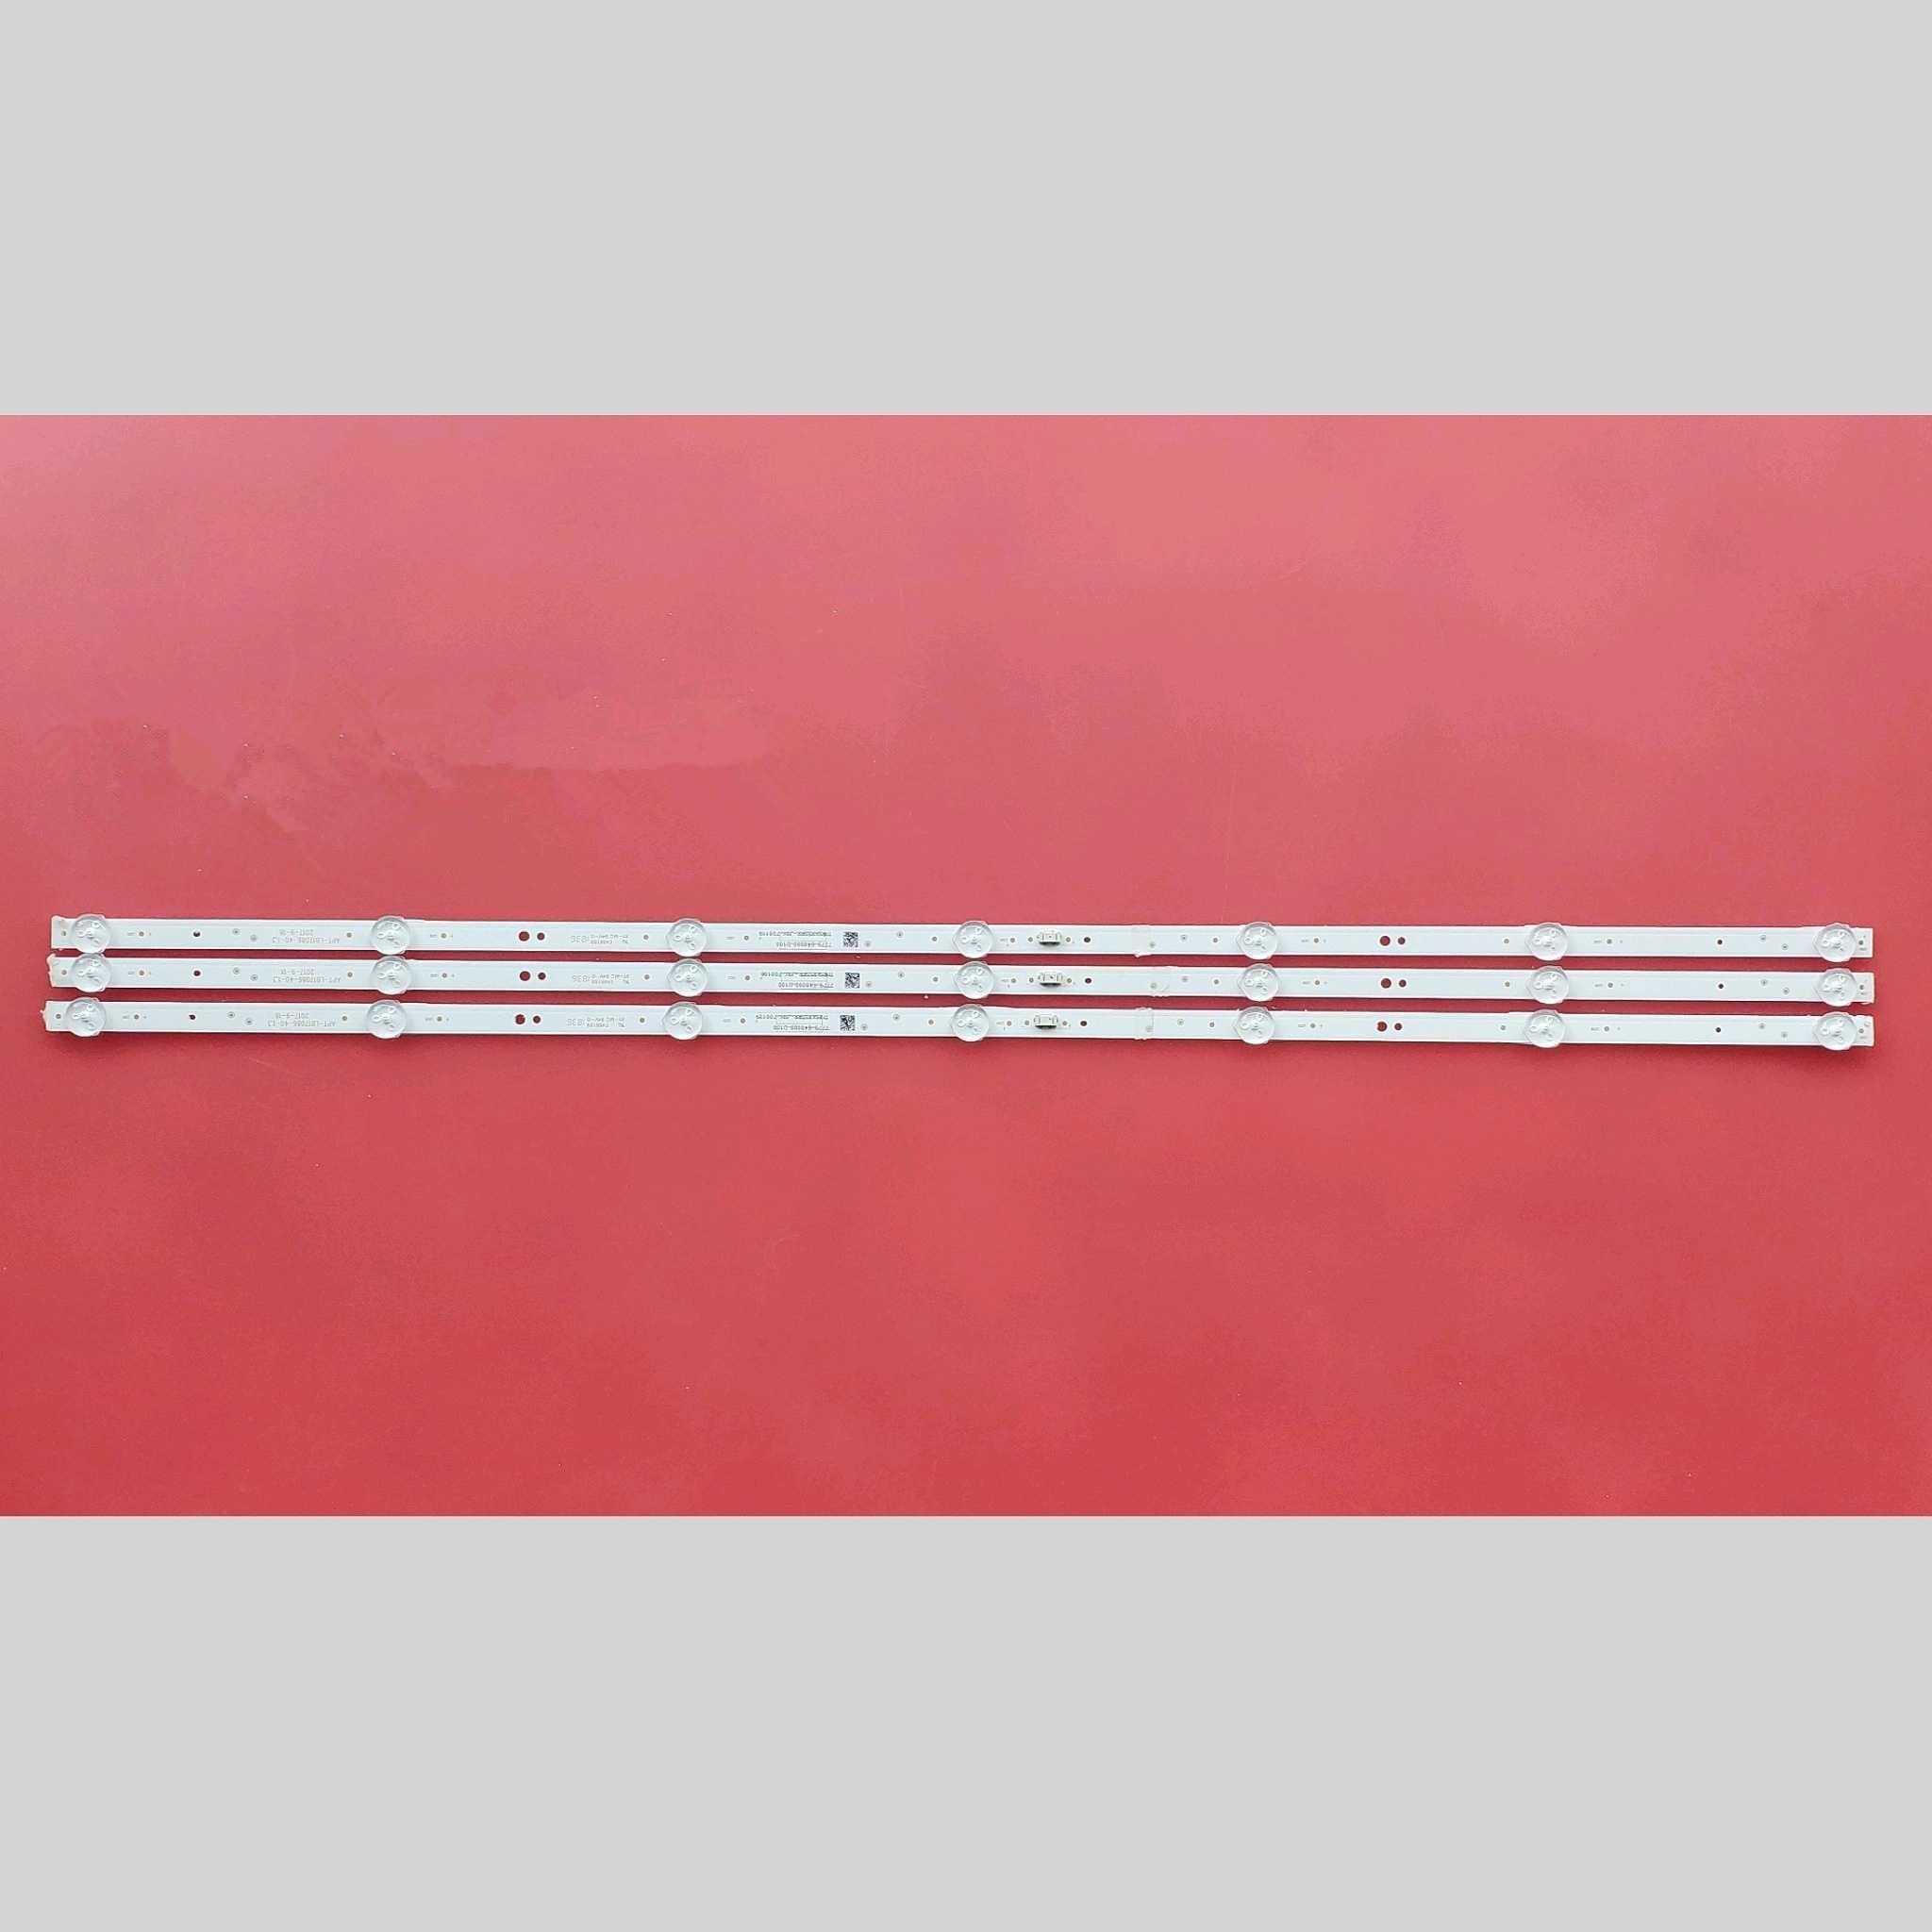 Светодиодный Подсветка полоса 7 лампы для Skyworth 40